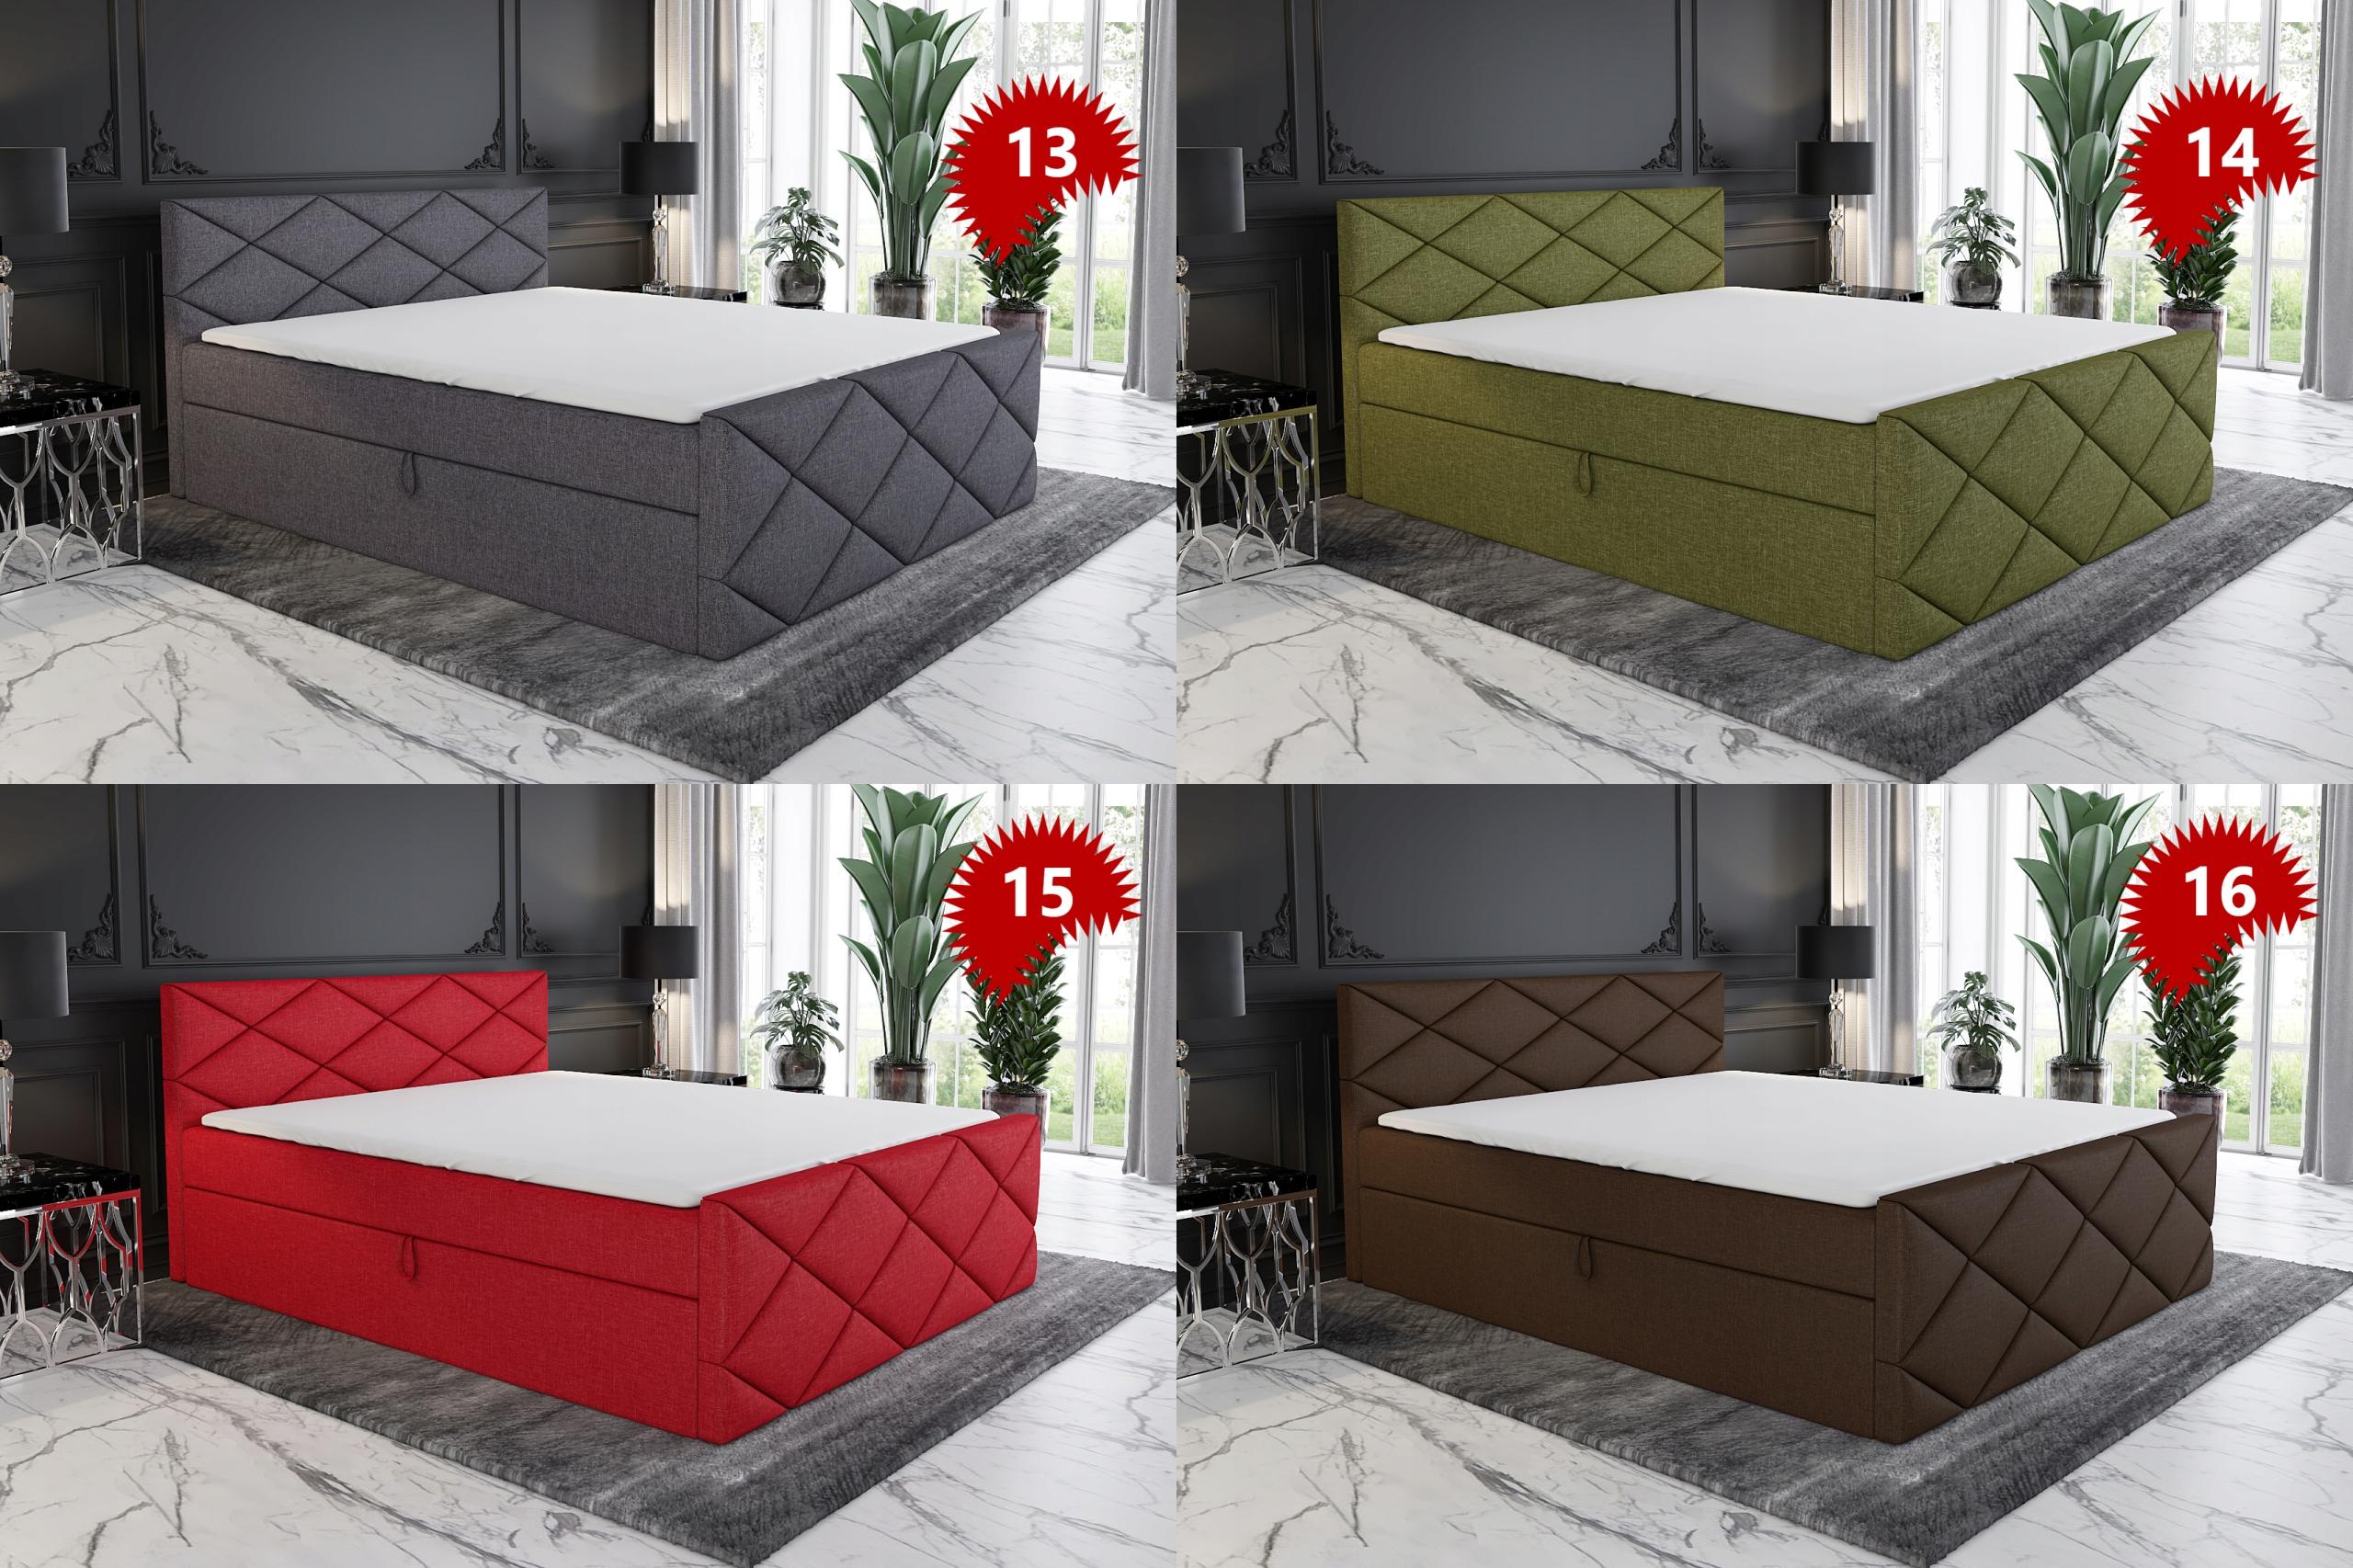 Łóżko Tapicerowane Kontynentalne LUX 120 materac Waga produktu z opakowaniem jednostkowym 90 kg